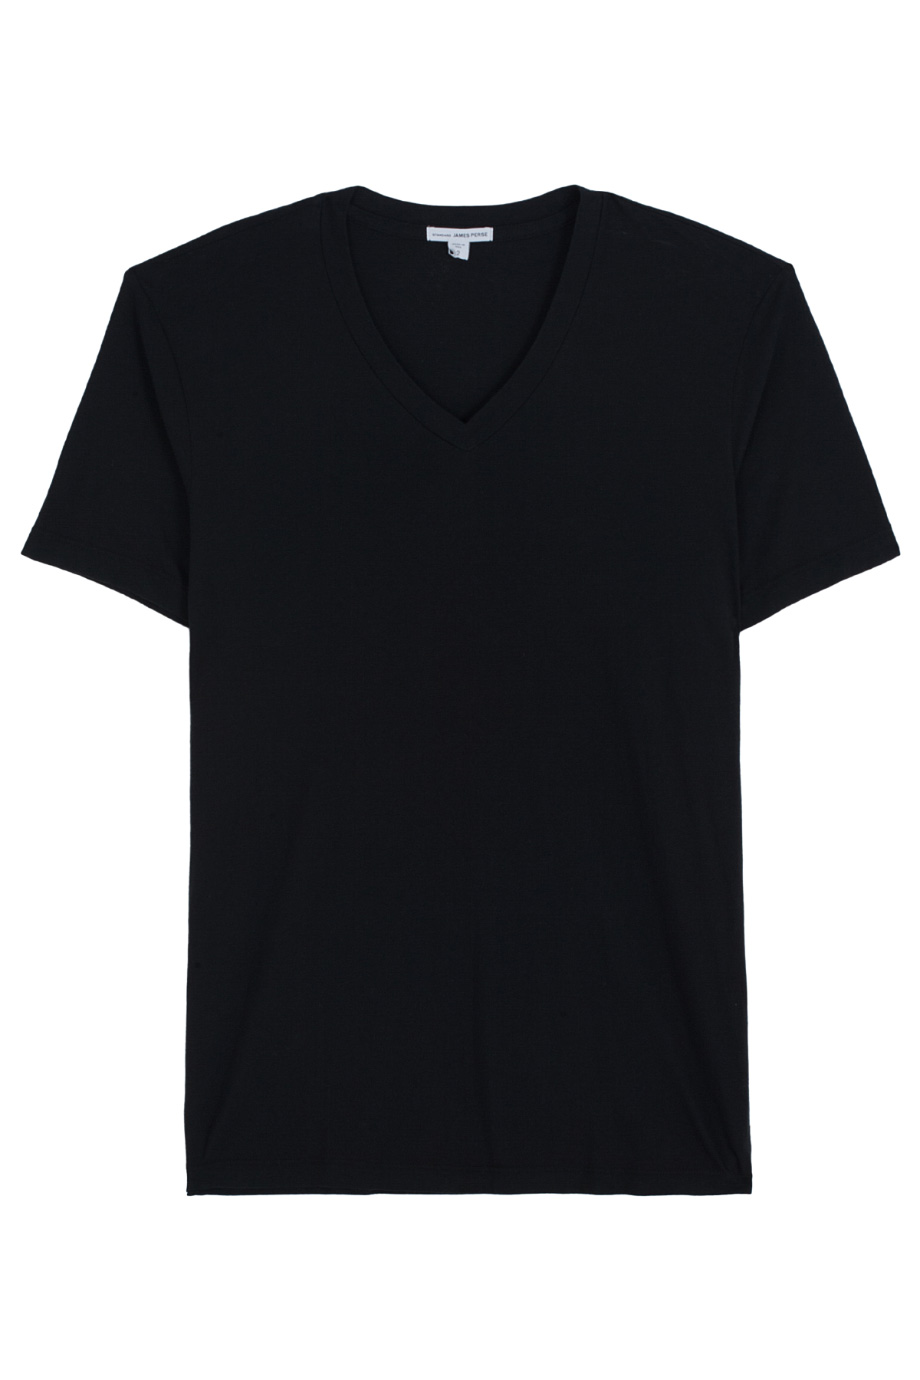 James perse V Neck T- Shirt in Black for Men | Lyst